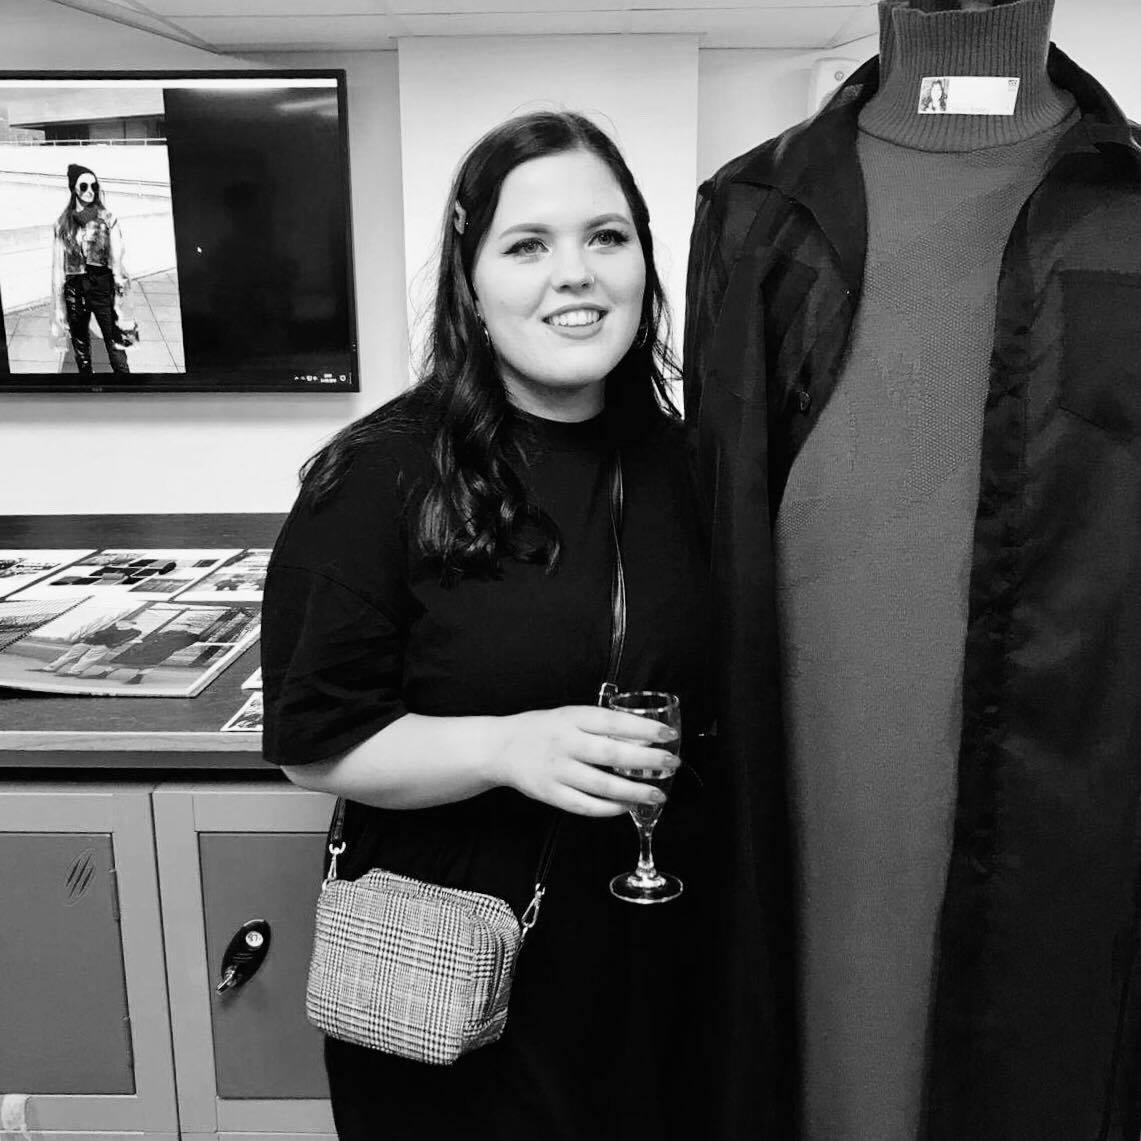 Chloe Bailey - Fashion designerYou can follow her on Instagram @chloebaileyfashion